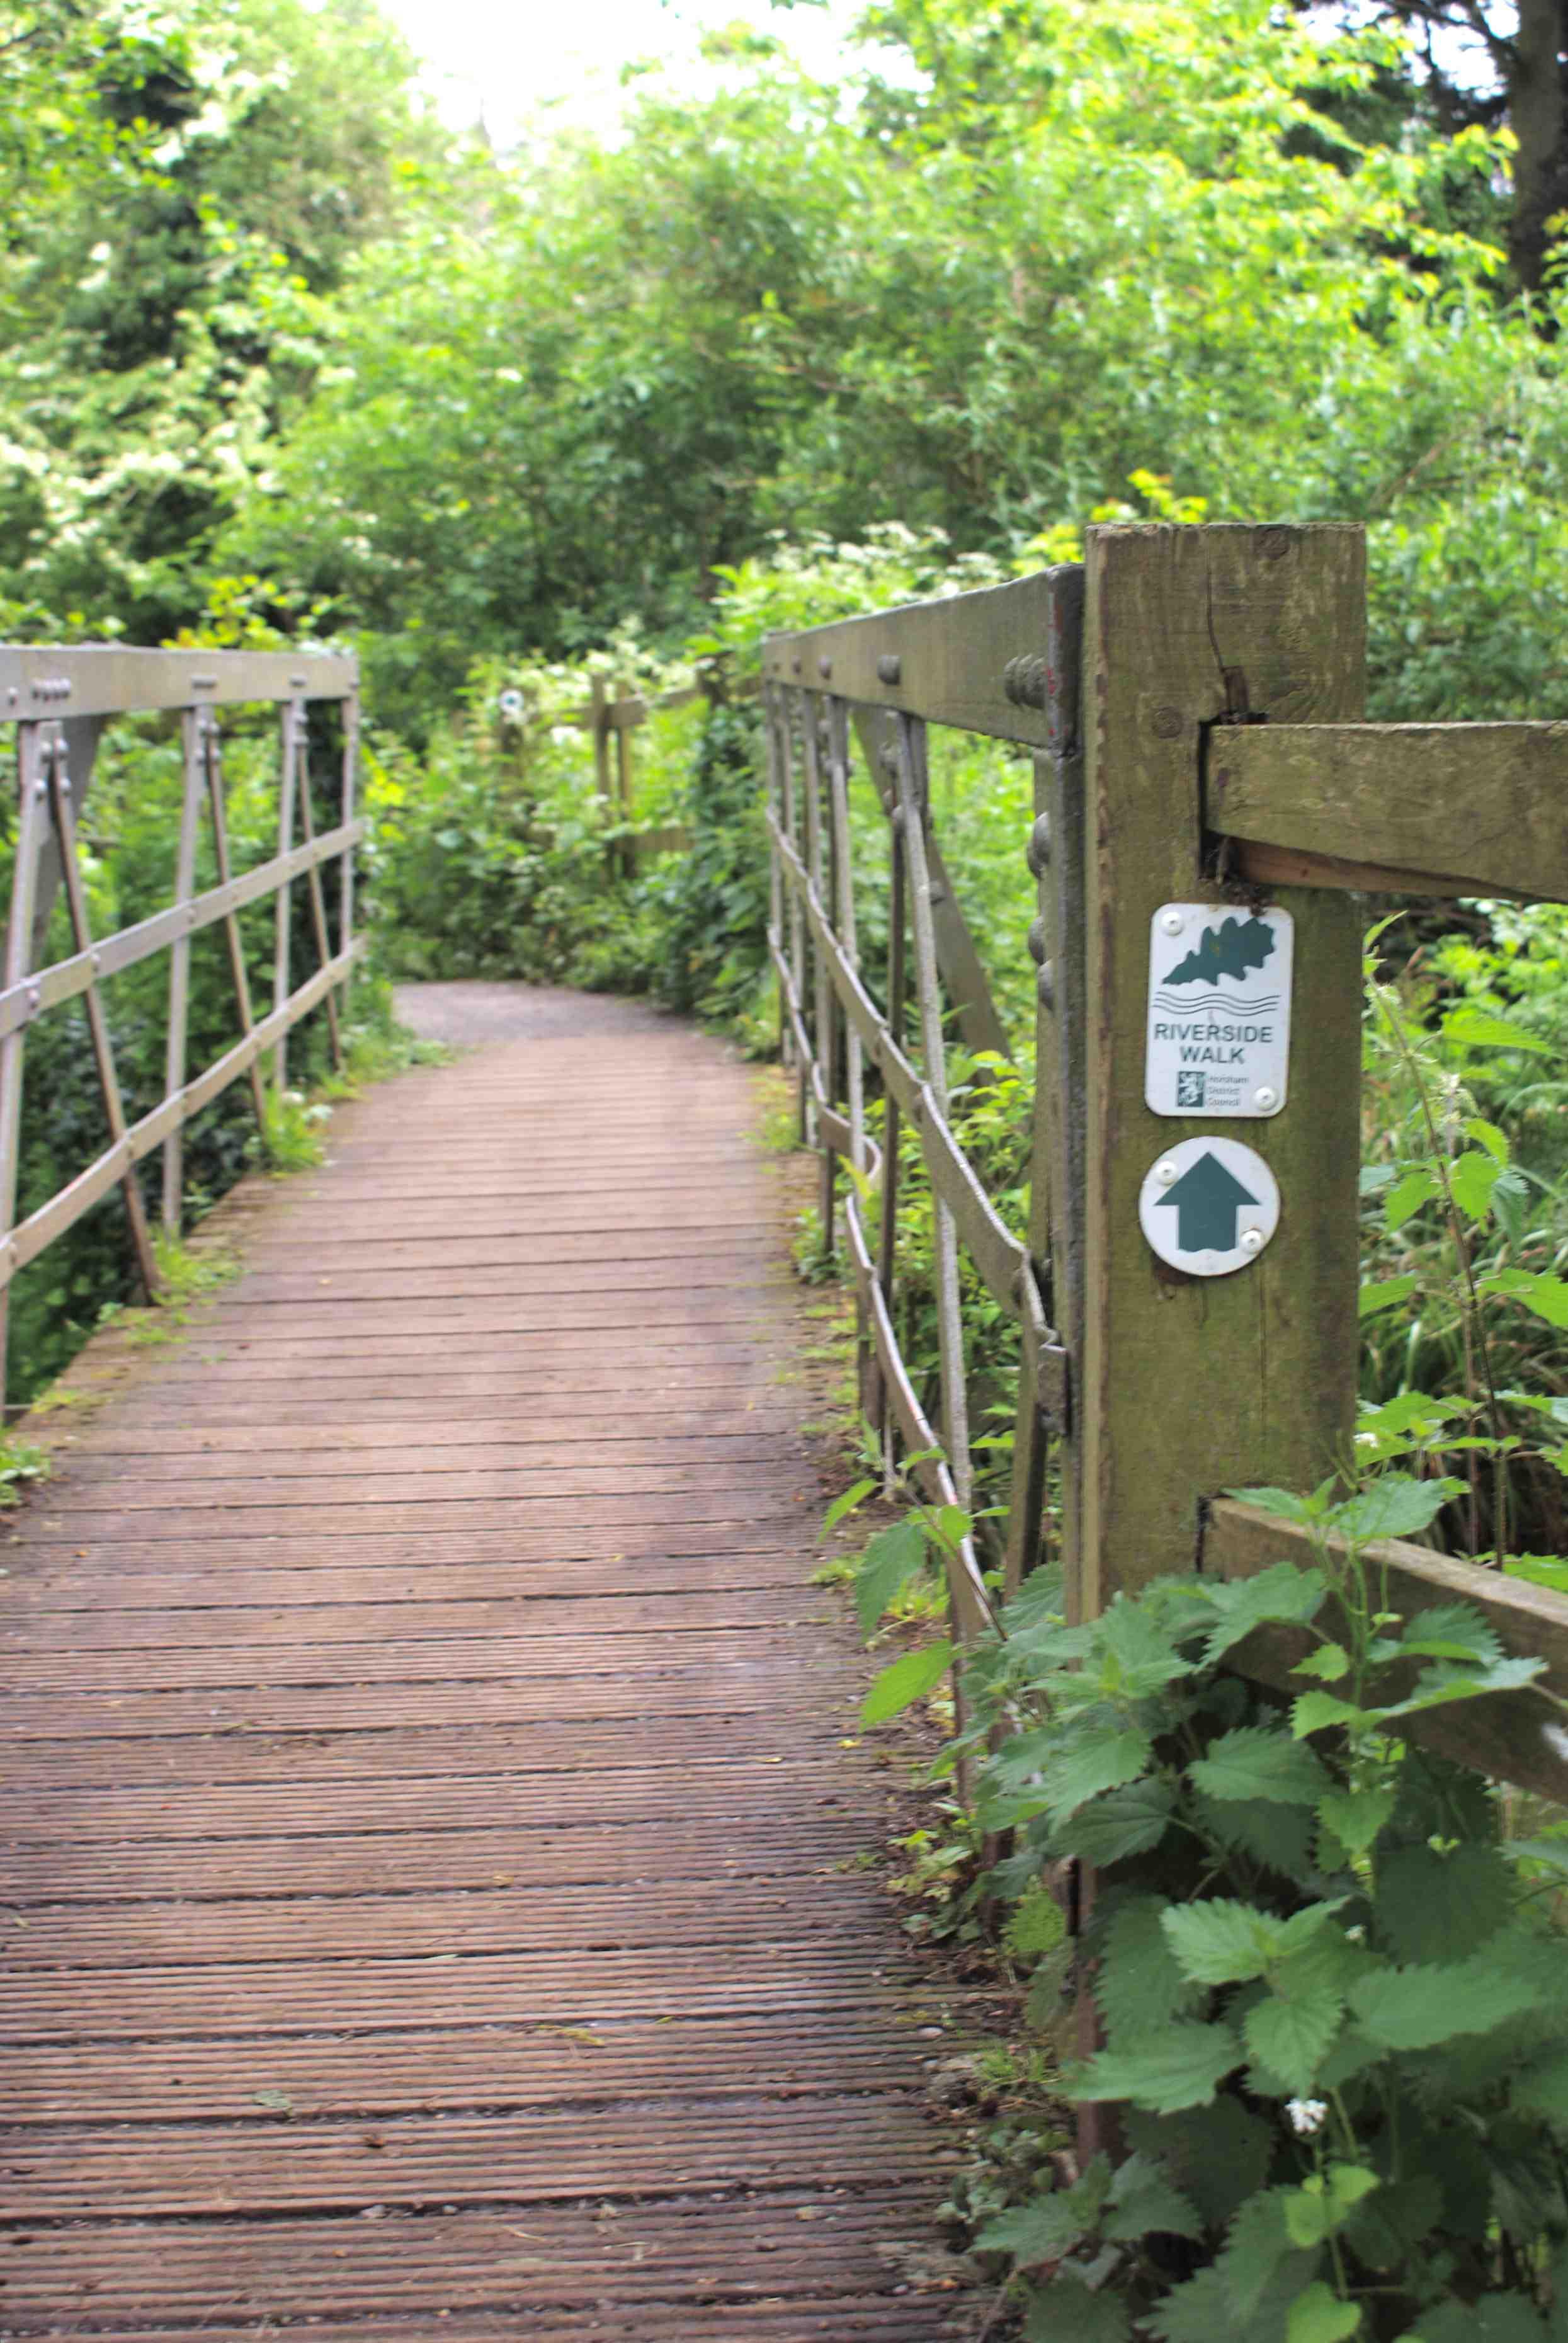 Riverside Walk project near St Mary's